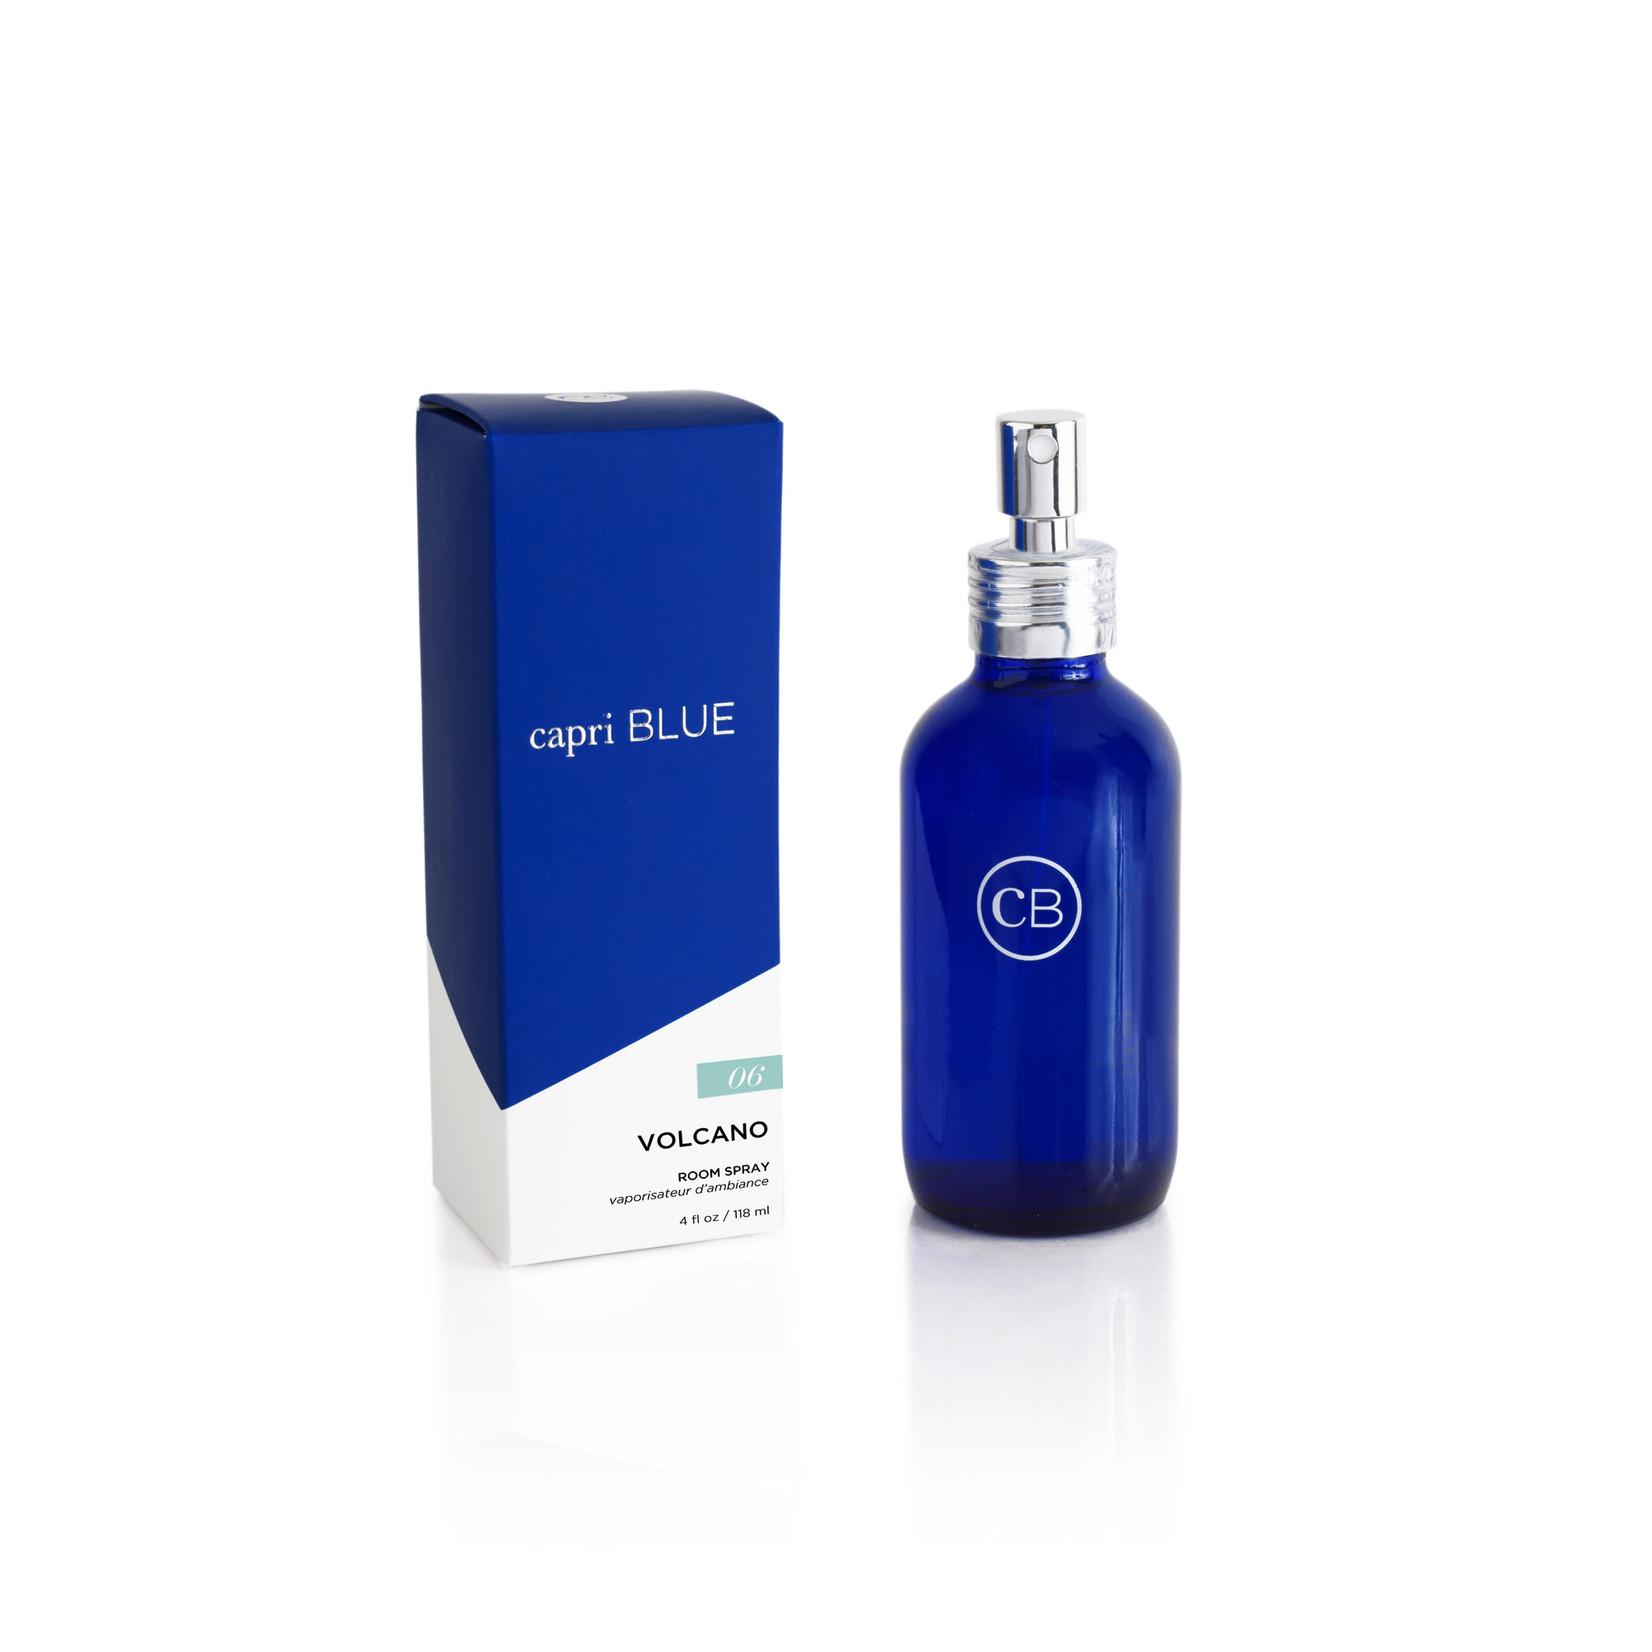 capri BLUE® Volcano Signature Room Spray